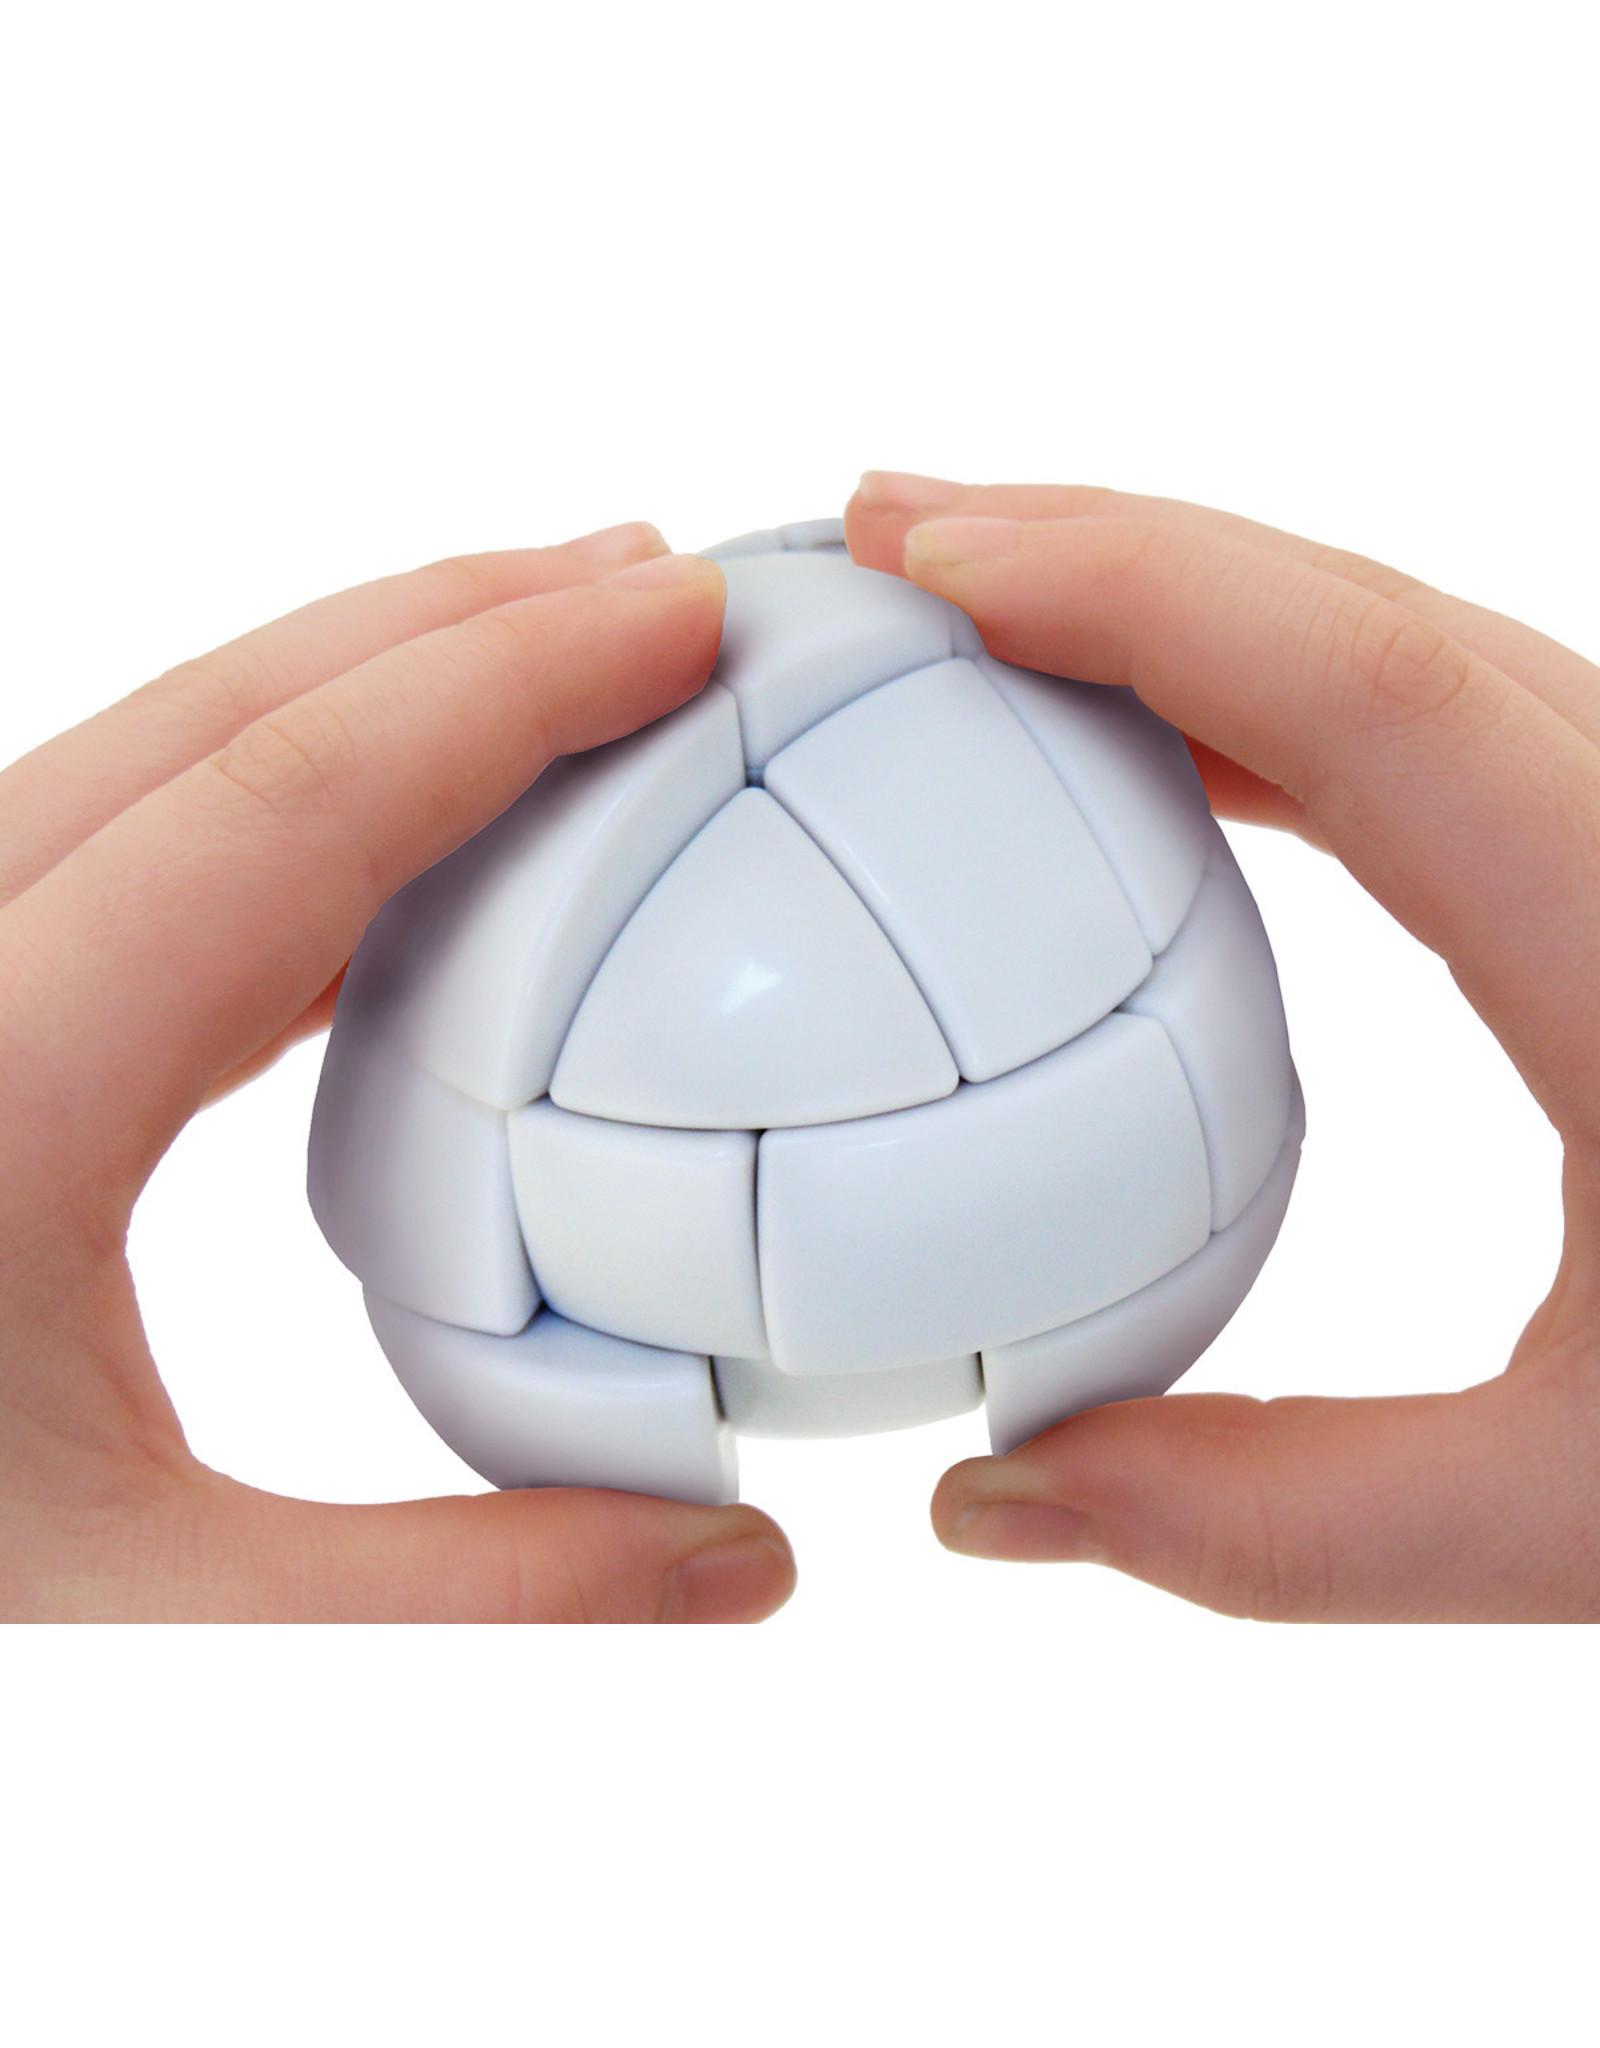 Recent Toys Morph's Egg